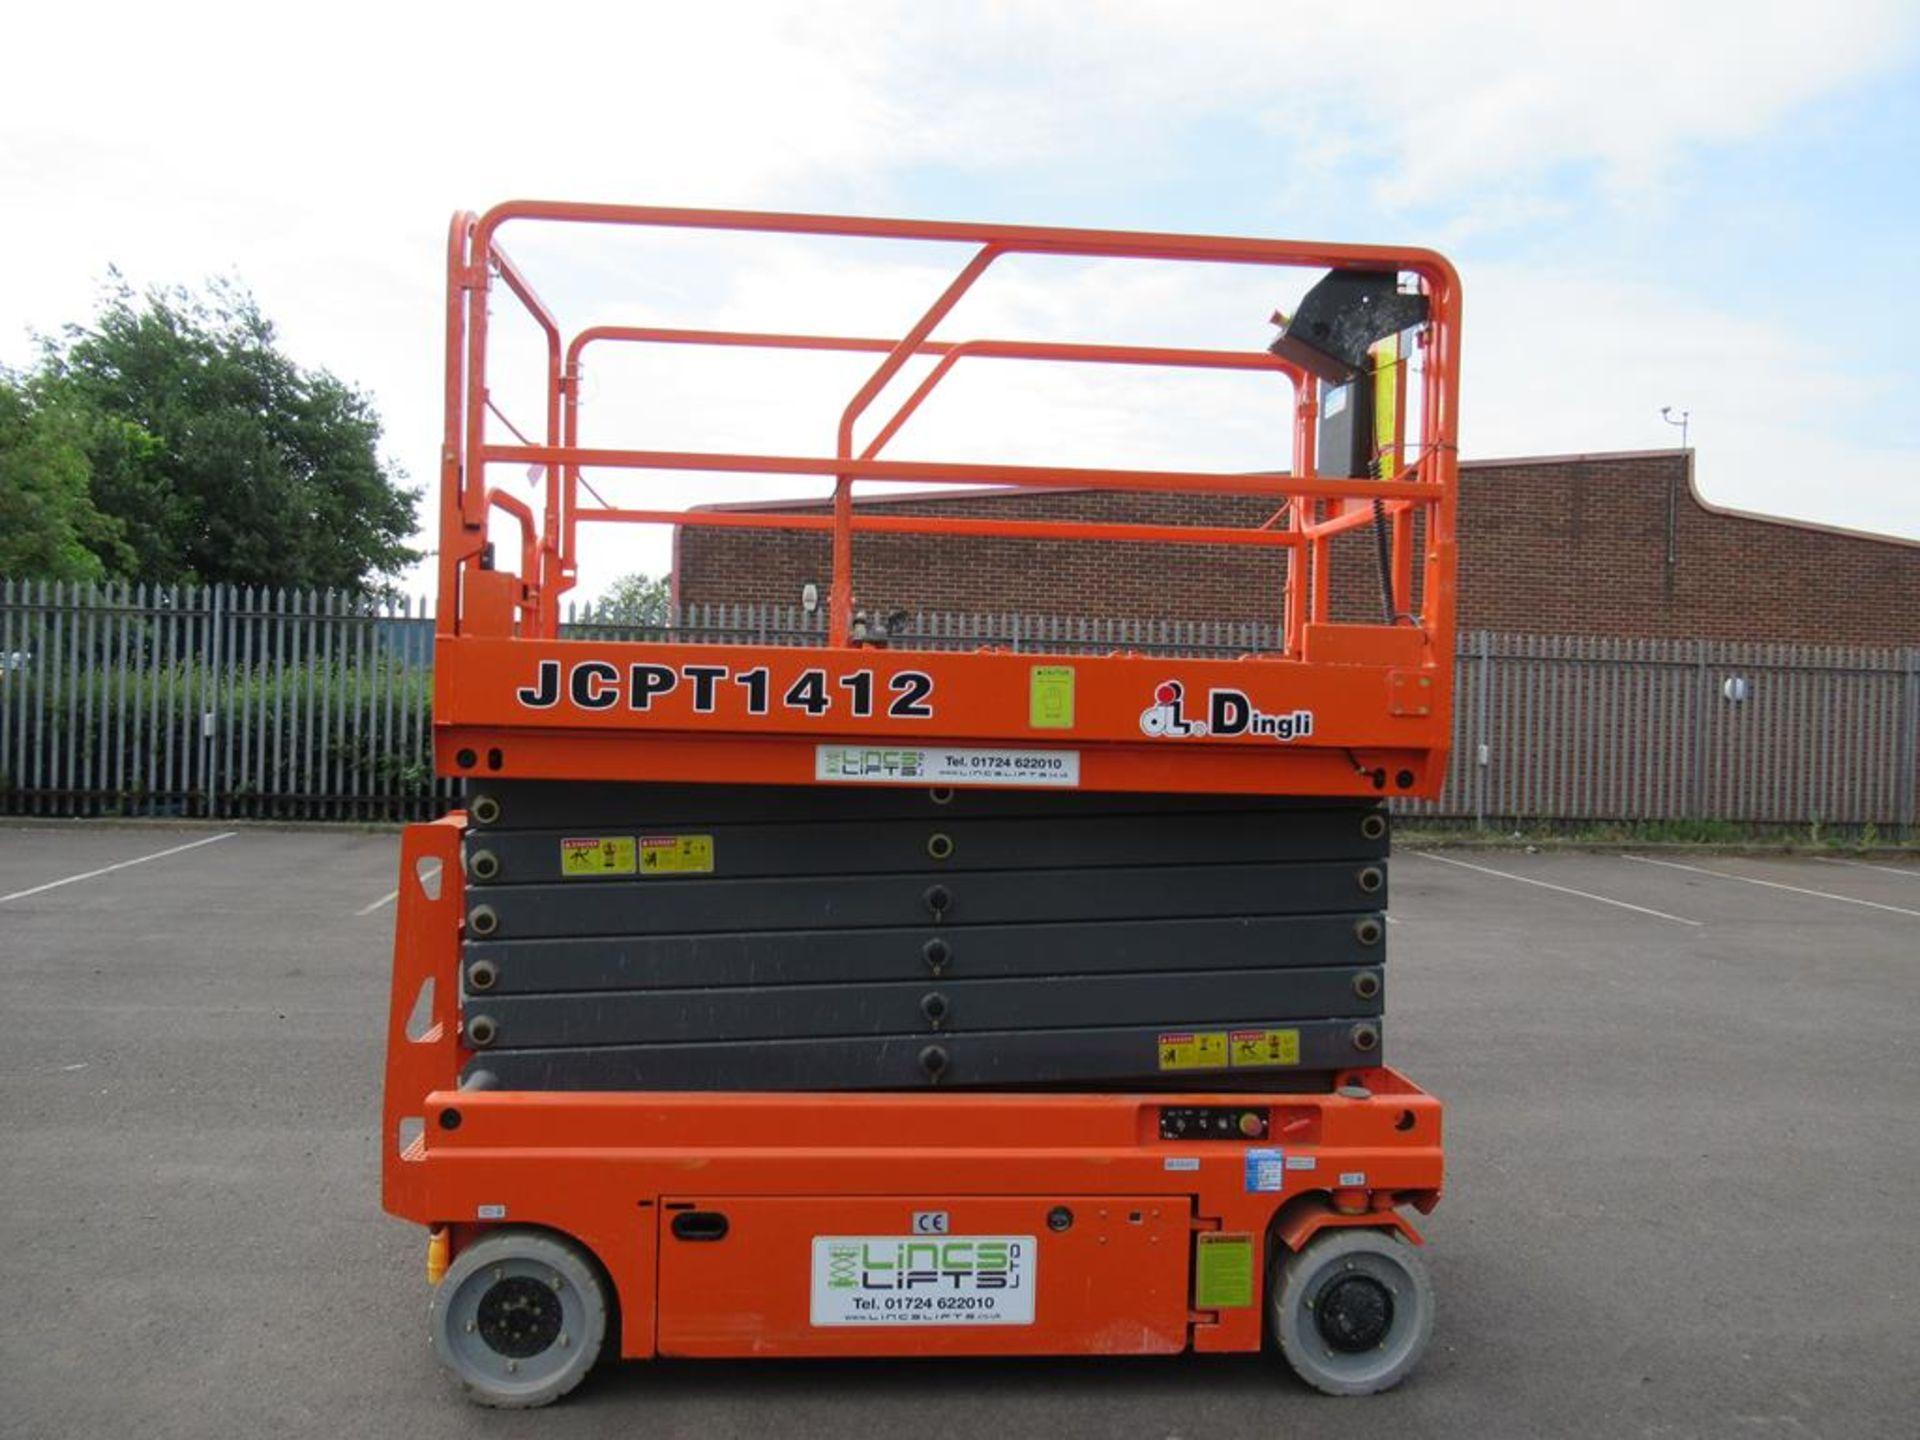 Dingli JCPT 1412 DC 24V electric scissor lift